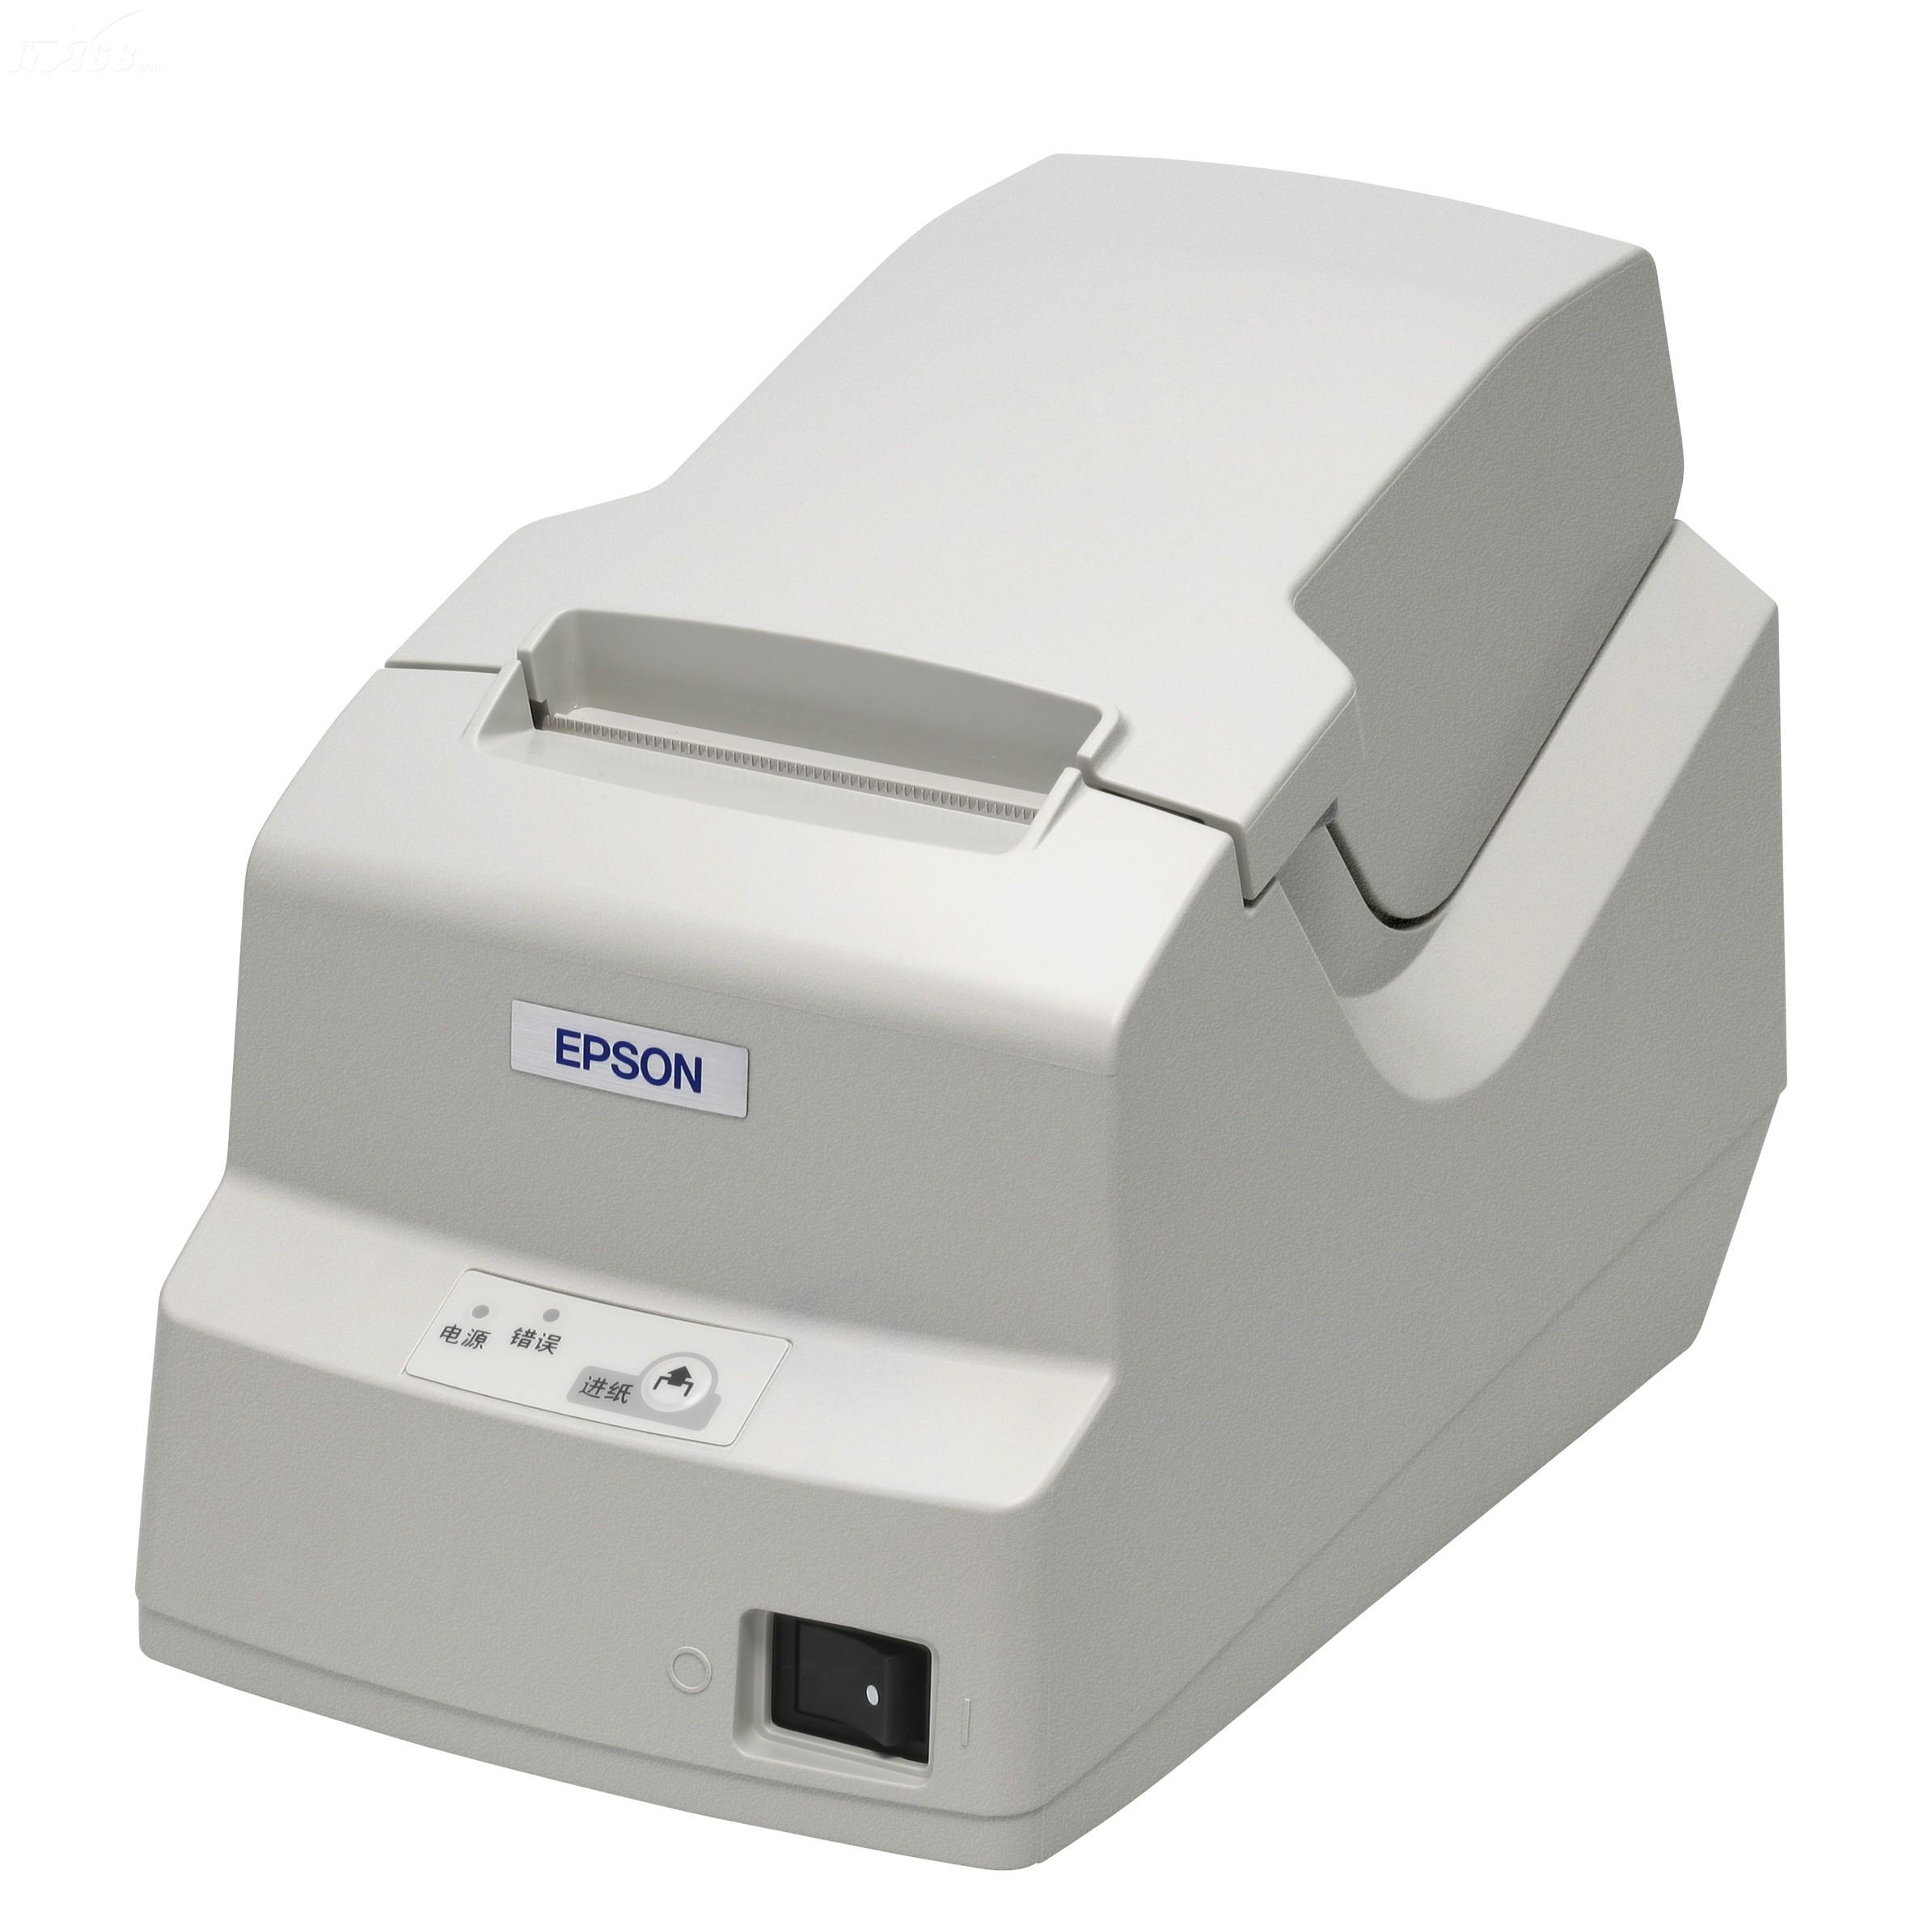 爱普生595k打印机图片